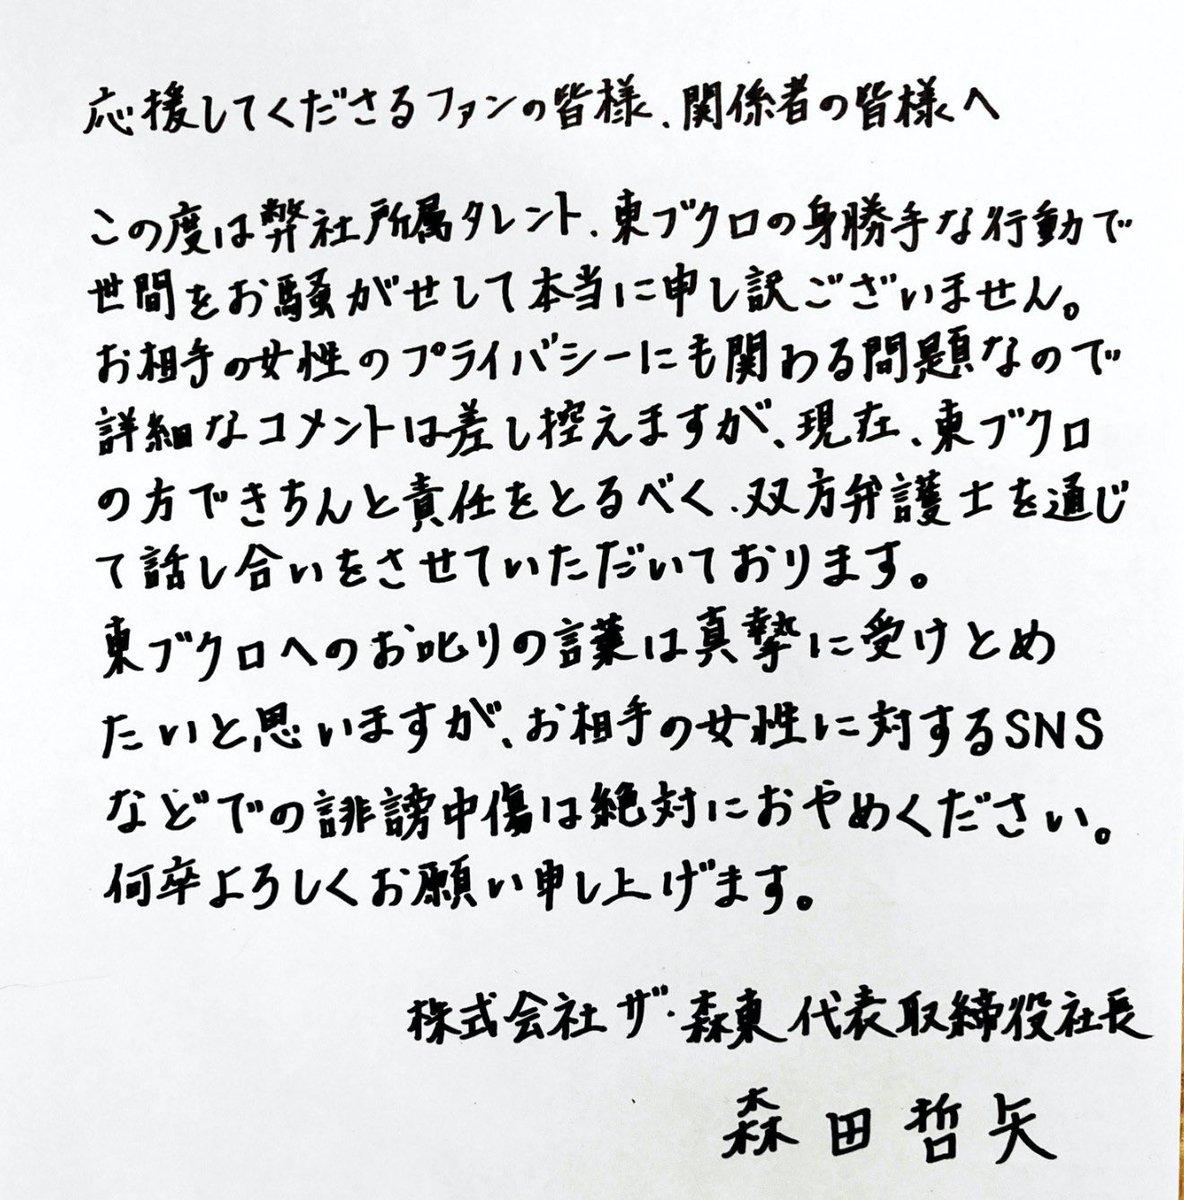 (画像:さらば青春の光 森田哲矢 Twitterより)